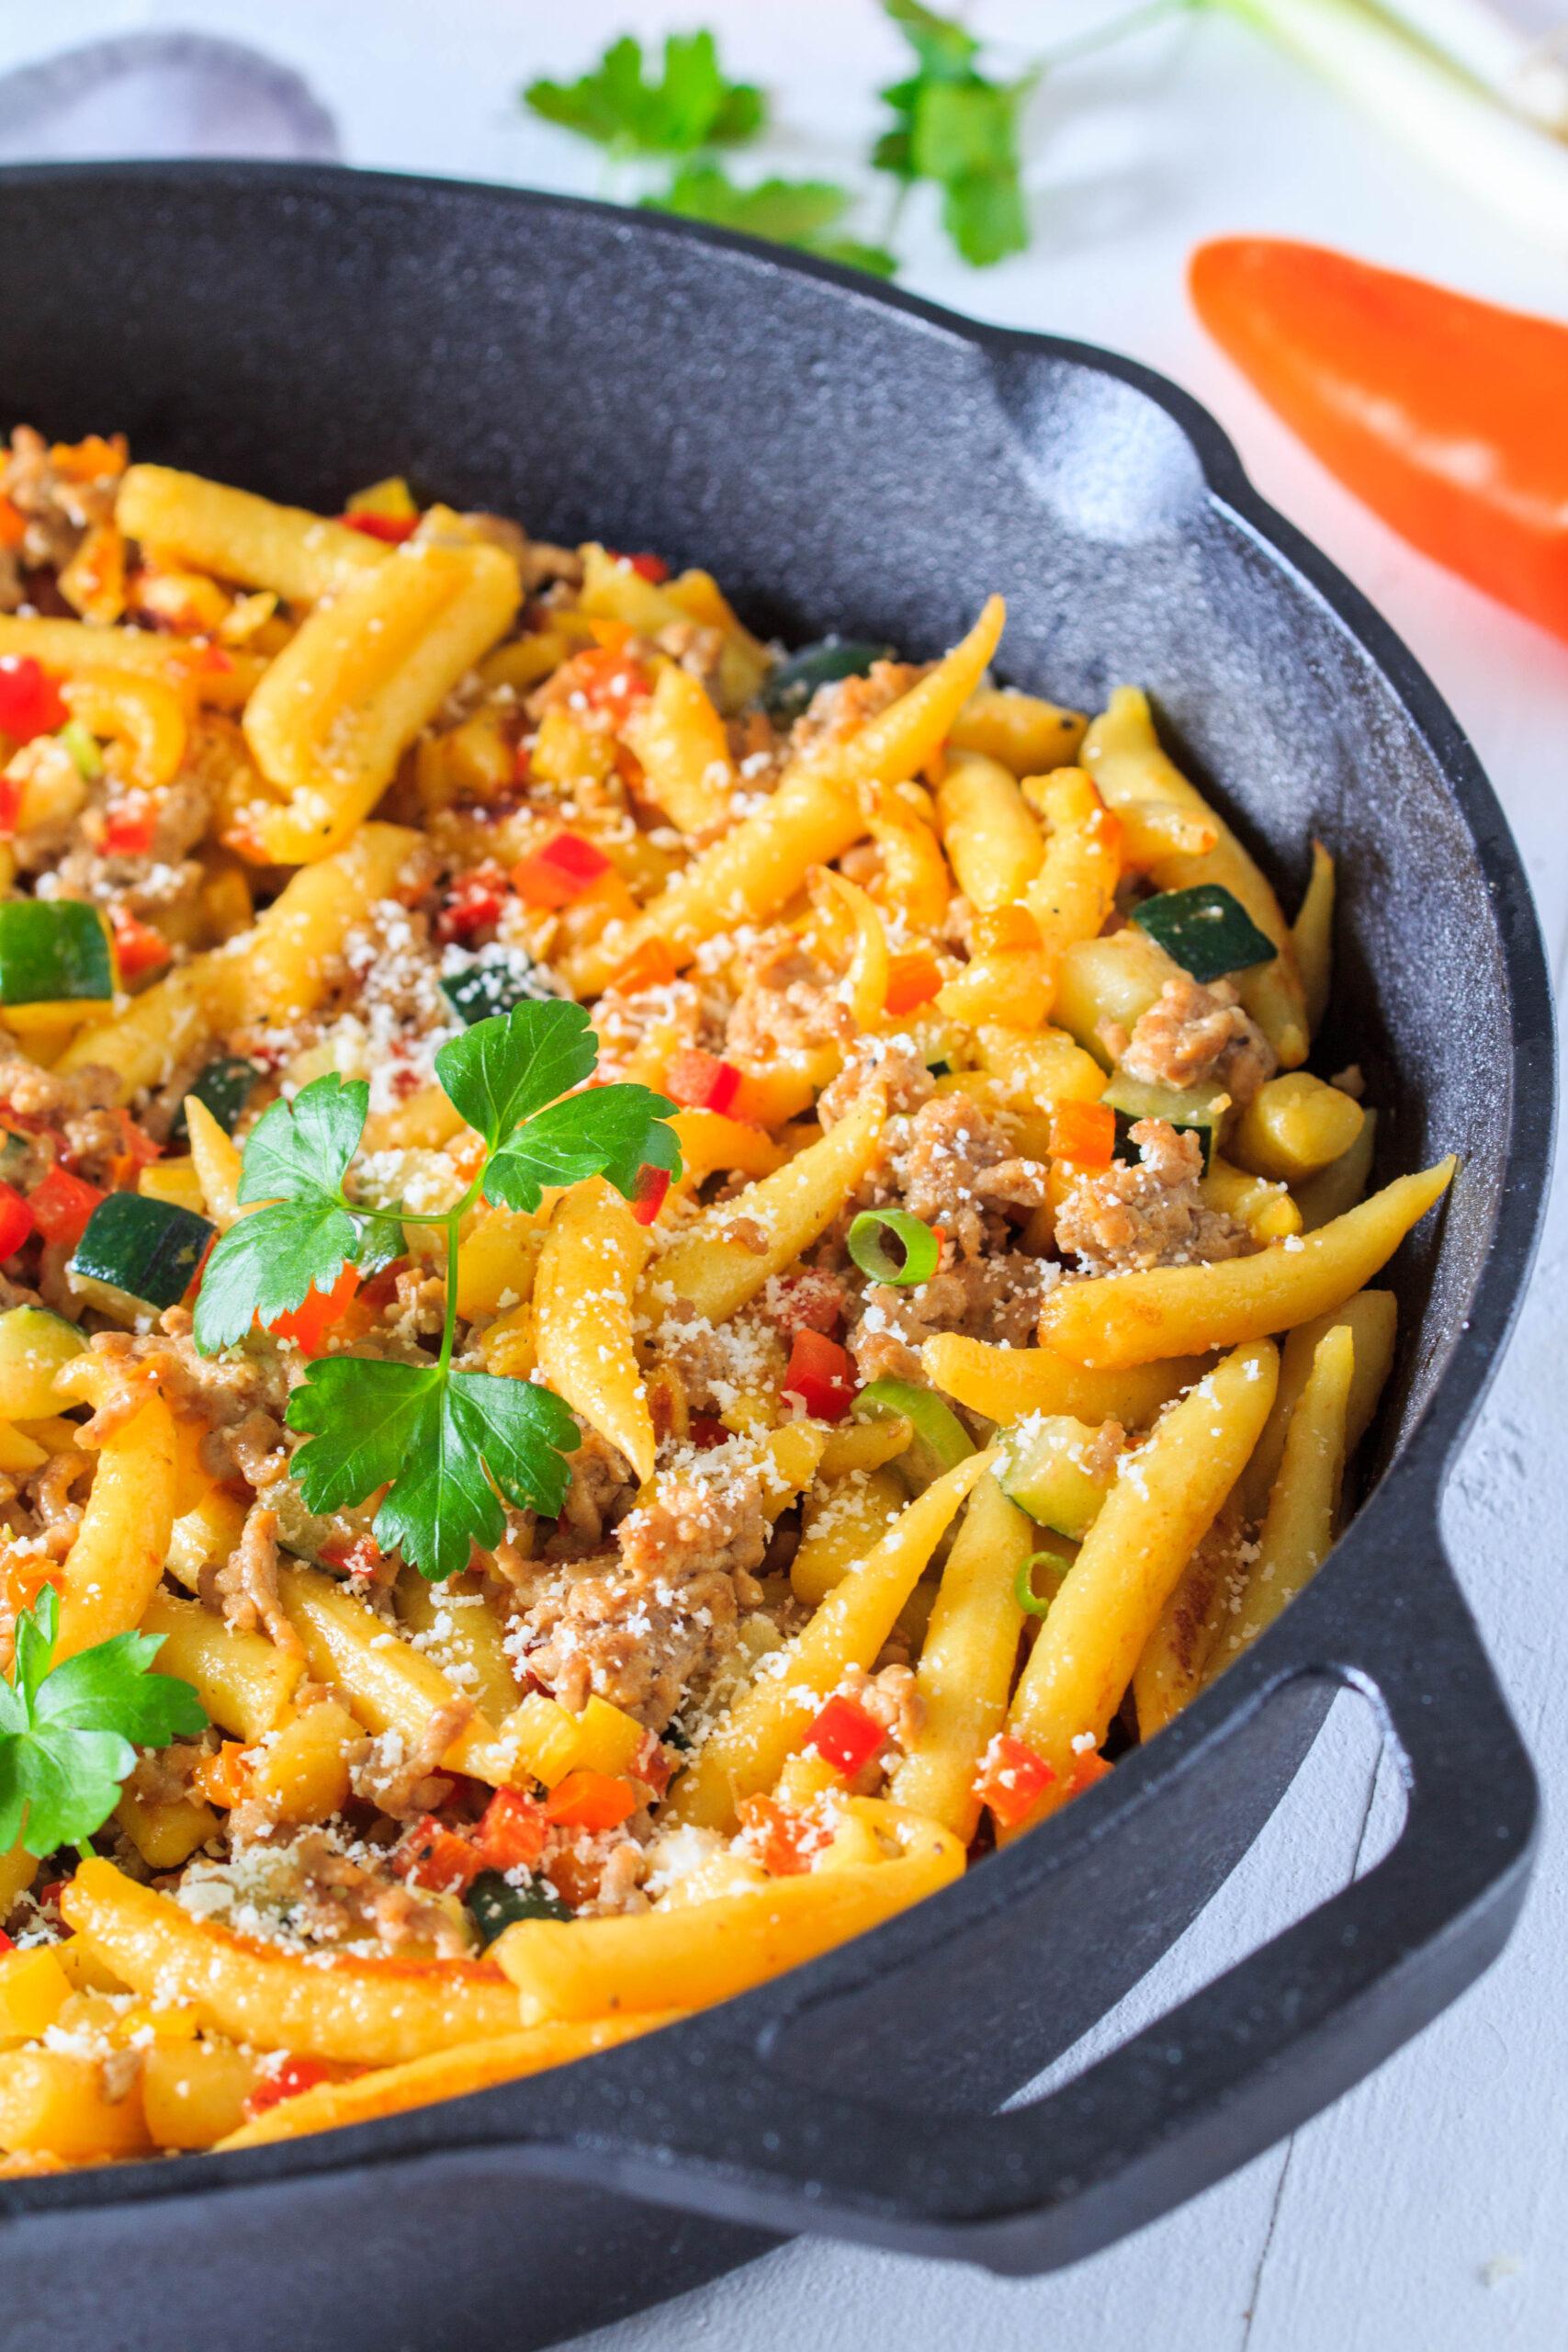 Leckeres Mittagessen für die ganze Familie: Schupfnudeln mit Gemüse und Hackfleisch.